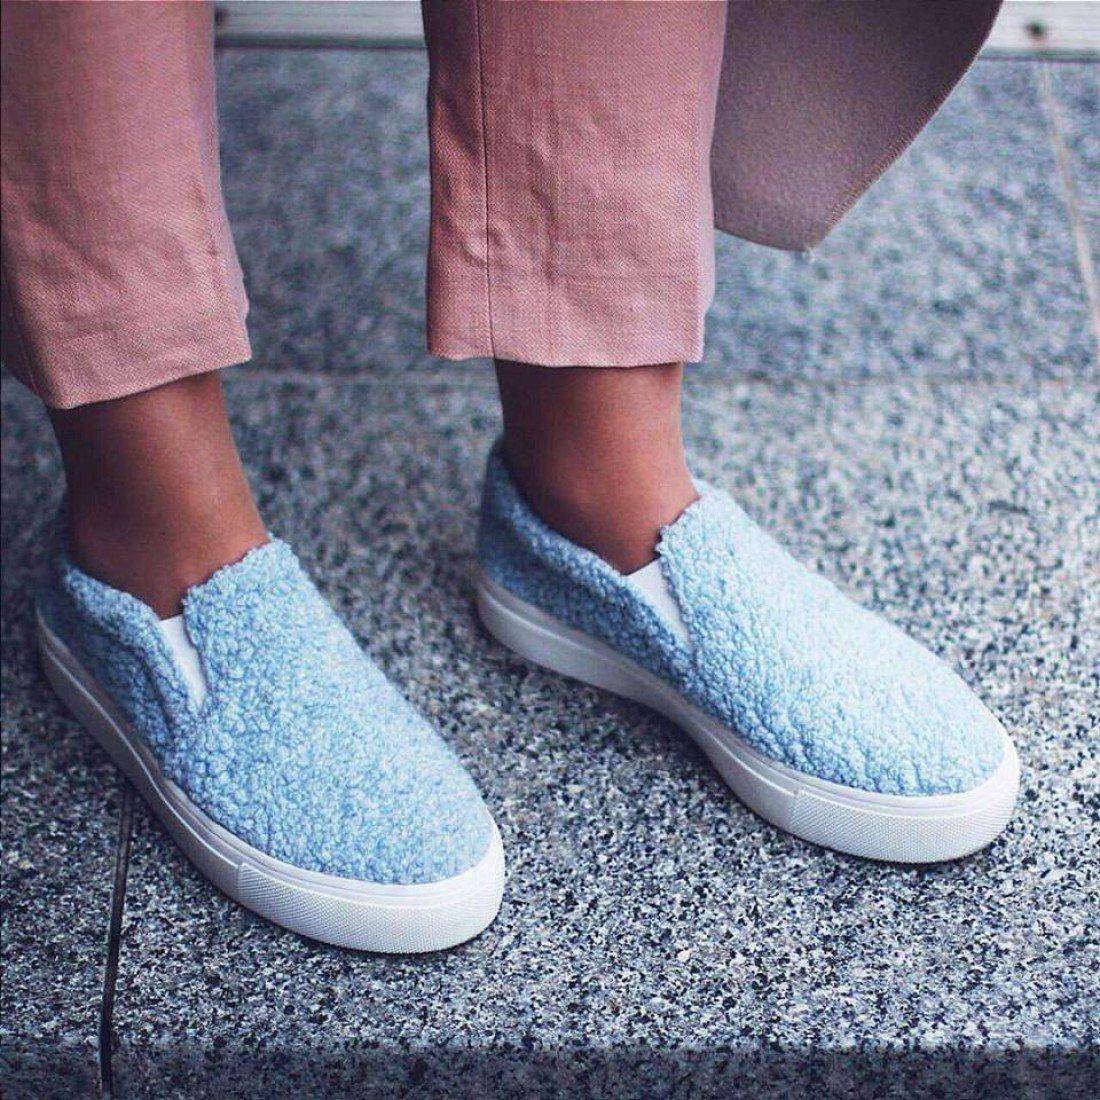 Слипоны - что это такое: мужские и женские слипоны, отличия, особенности, разновидности | категория статей на тему обувь